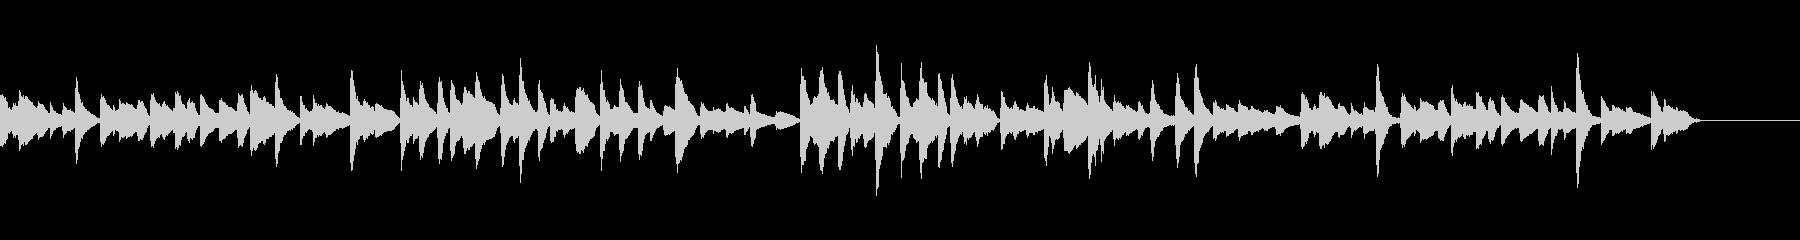 ピアノソロ/転調/日常の未再生の波形